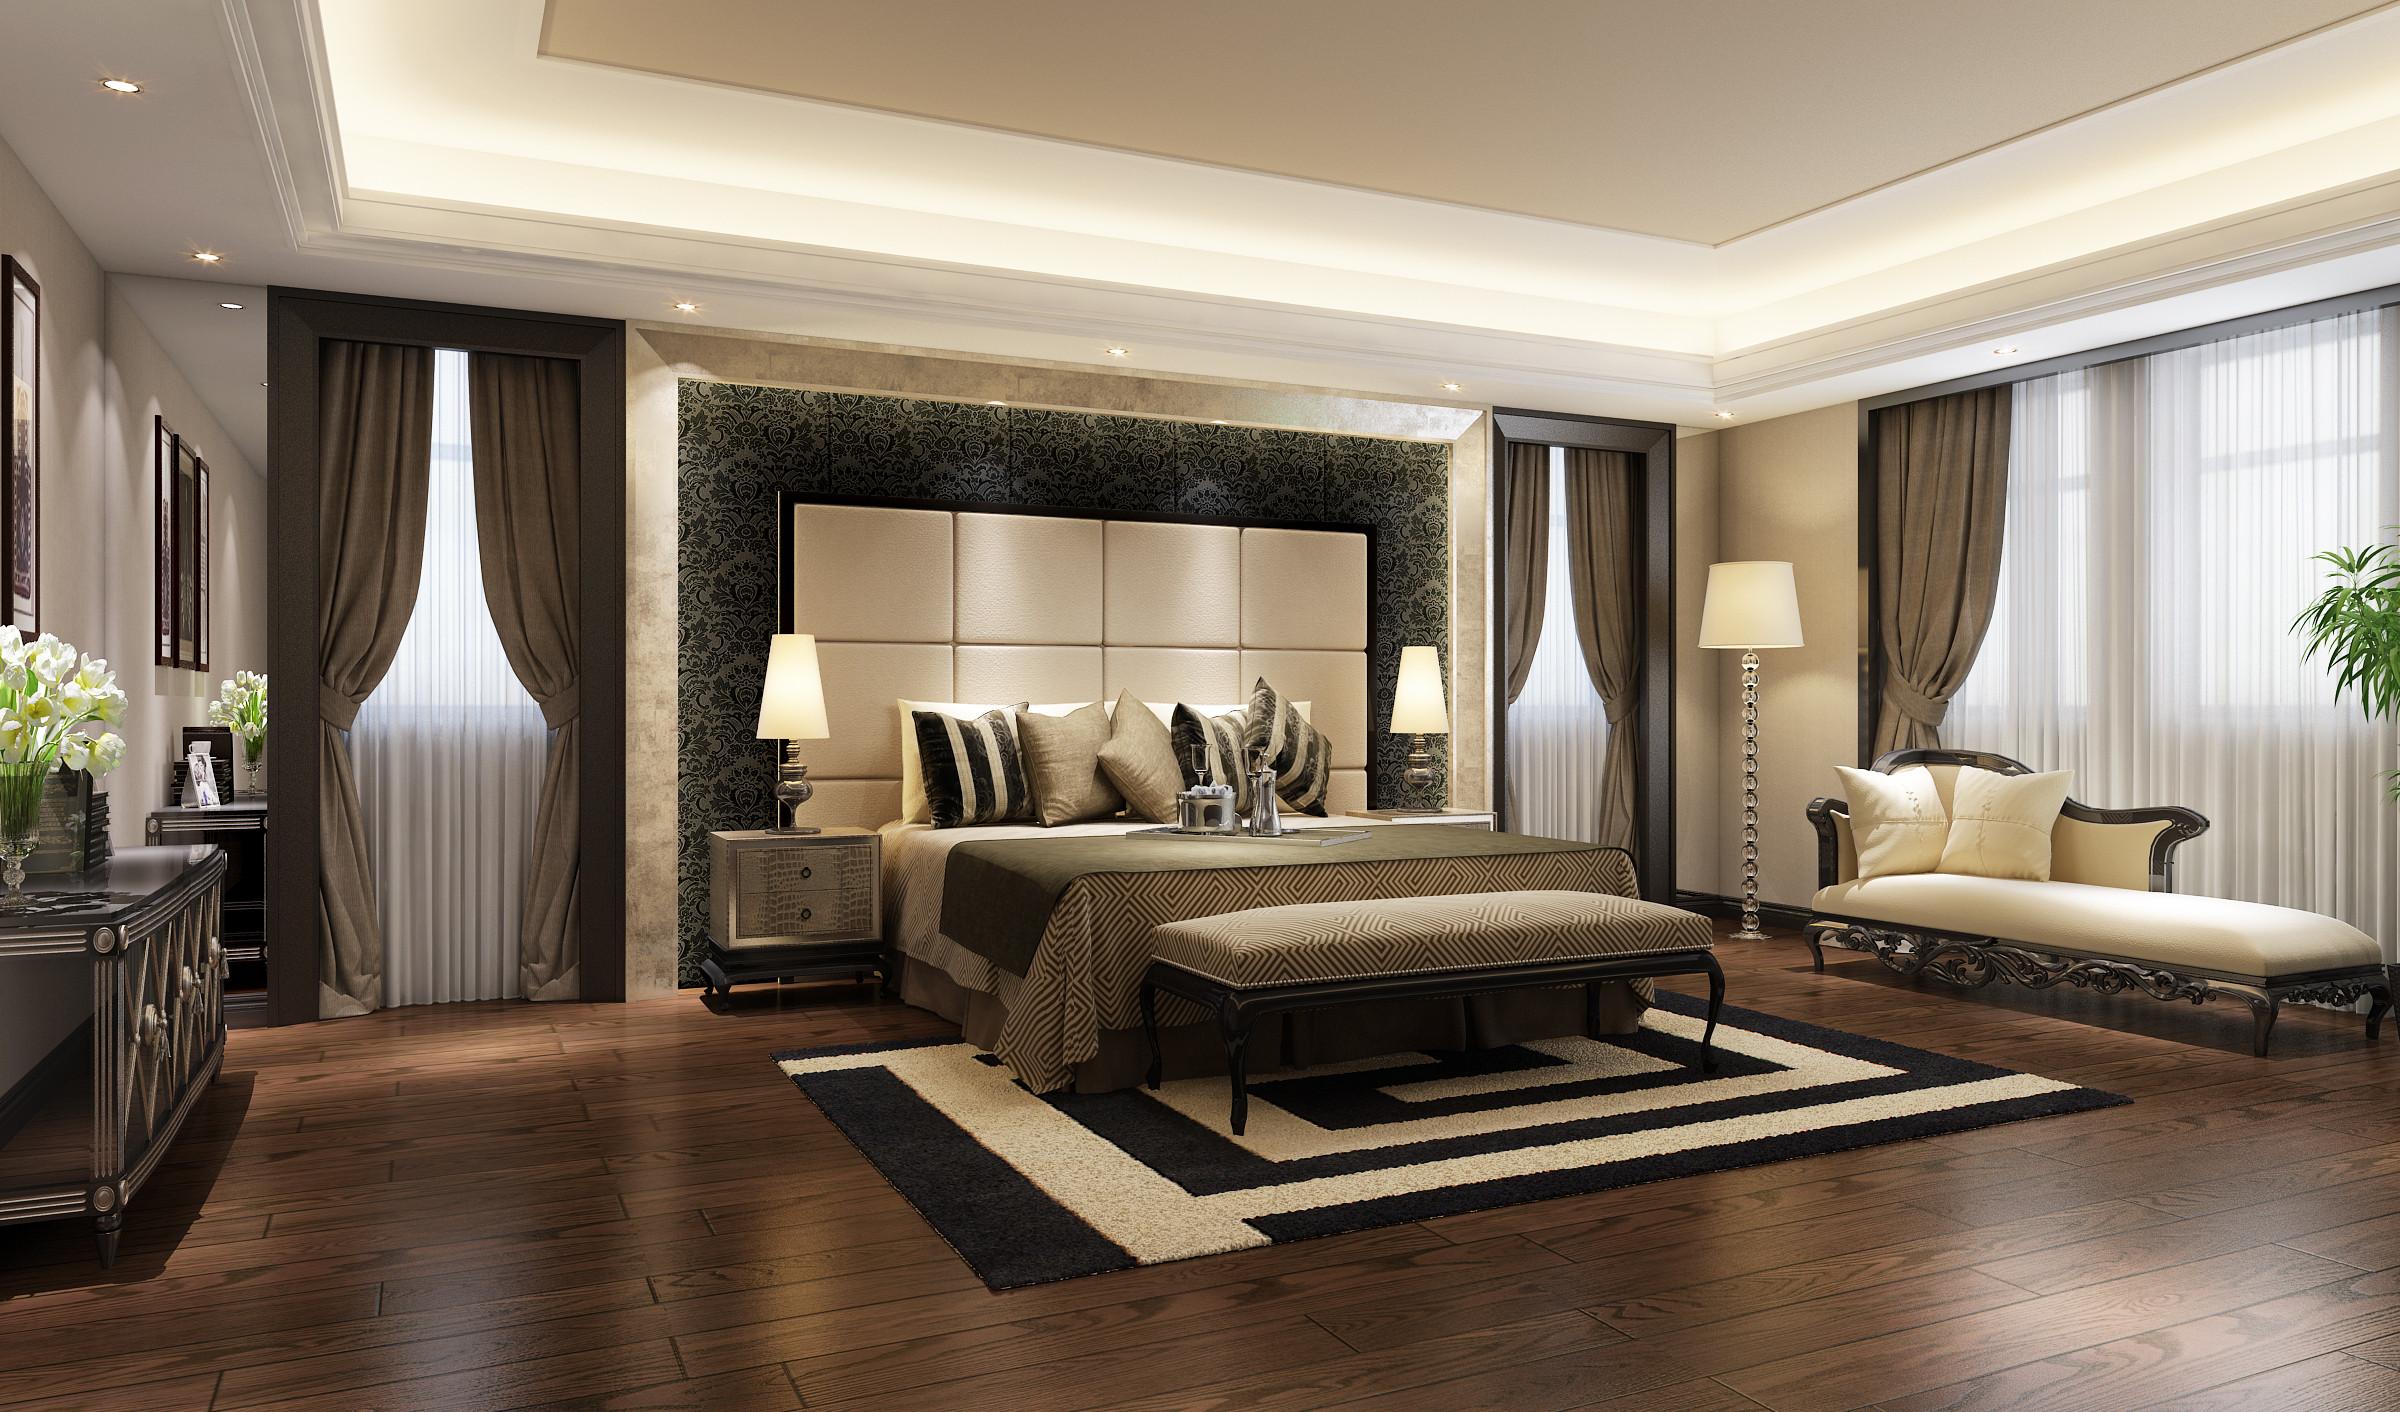 观庭别墅 别墅装修 美式风格 腾龙设计 卧室图片来自腾龙设计在观庭别墅项目装修美式风格设计的分享